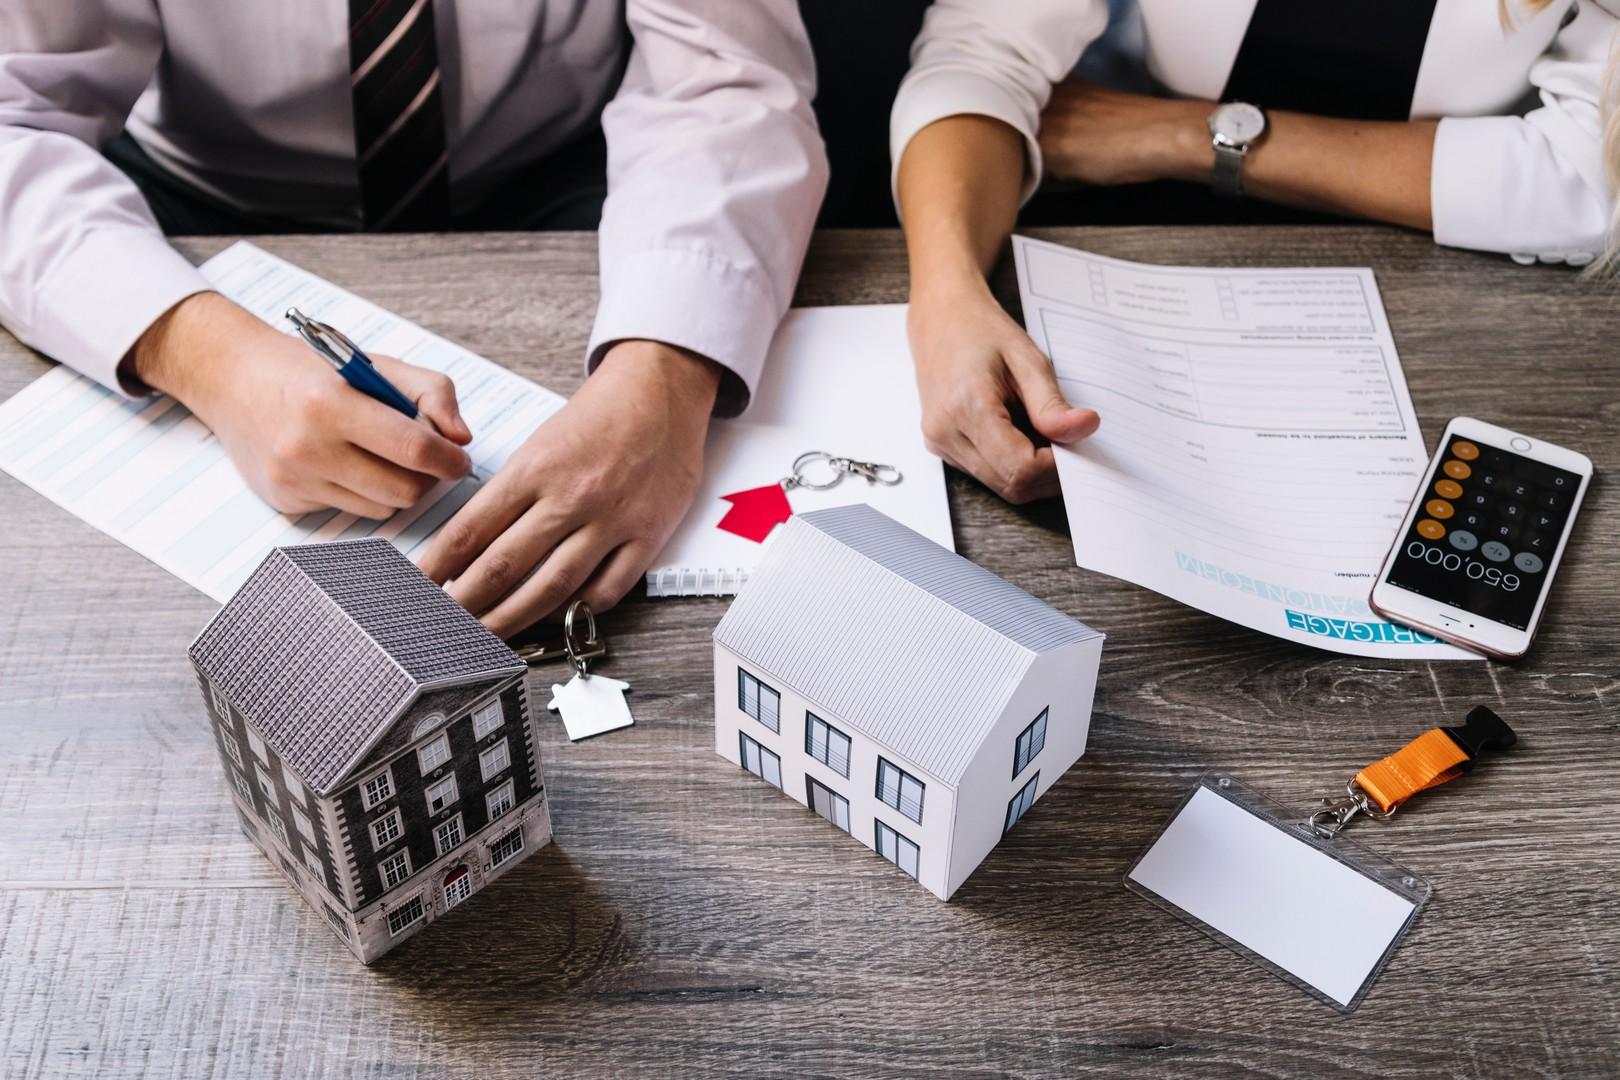 Раздел кредита после развода: как все перекинуть на бывшего мужа?